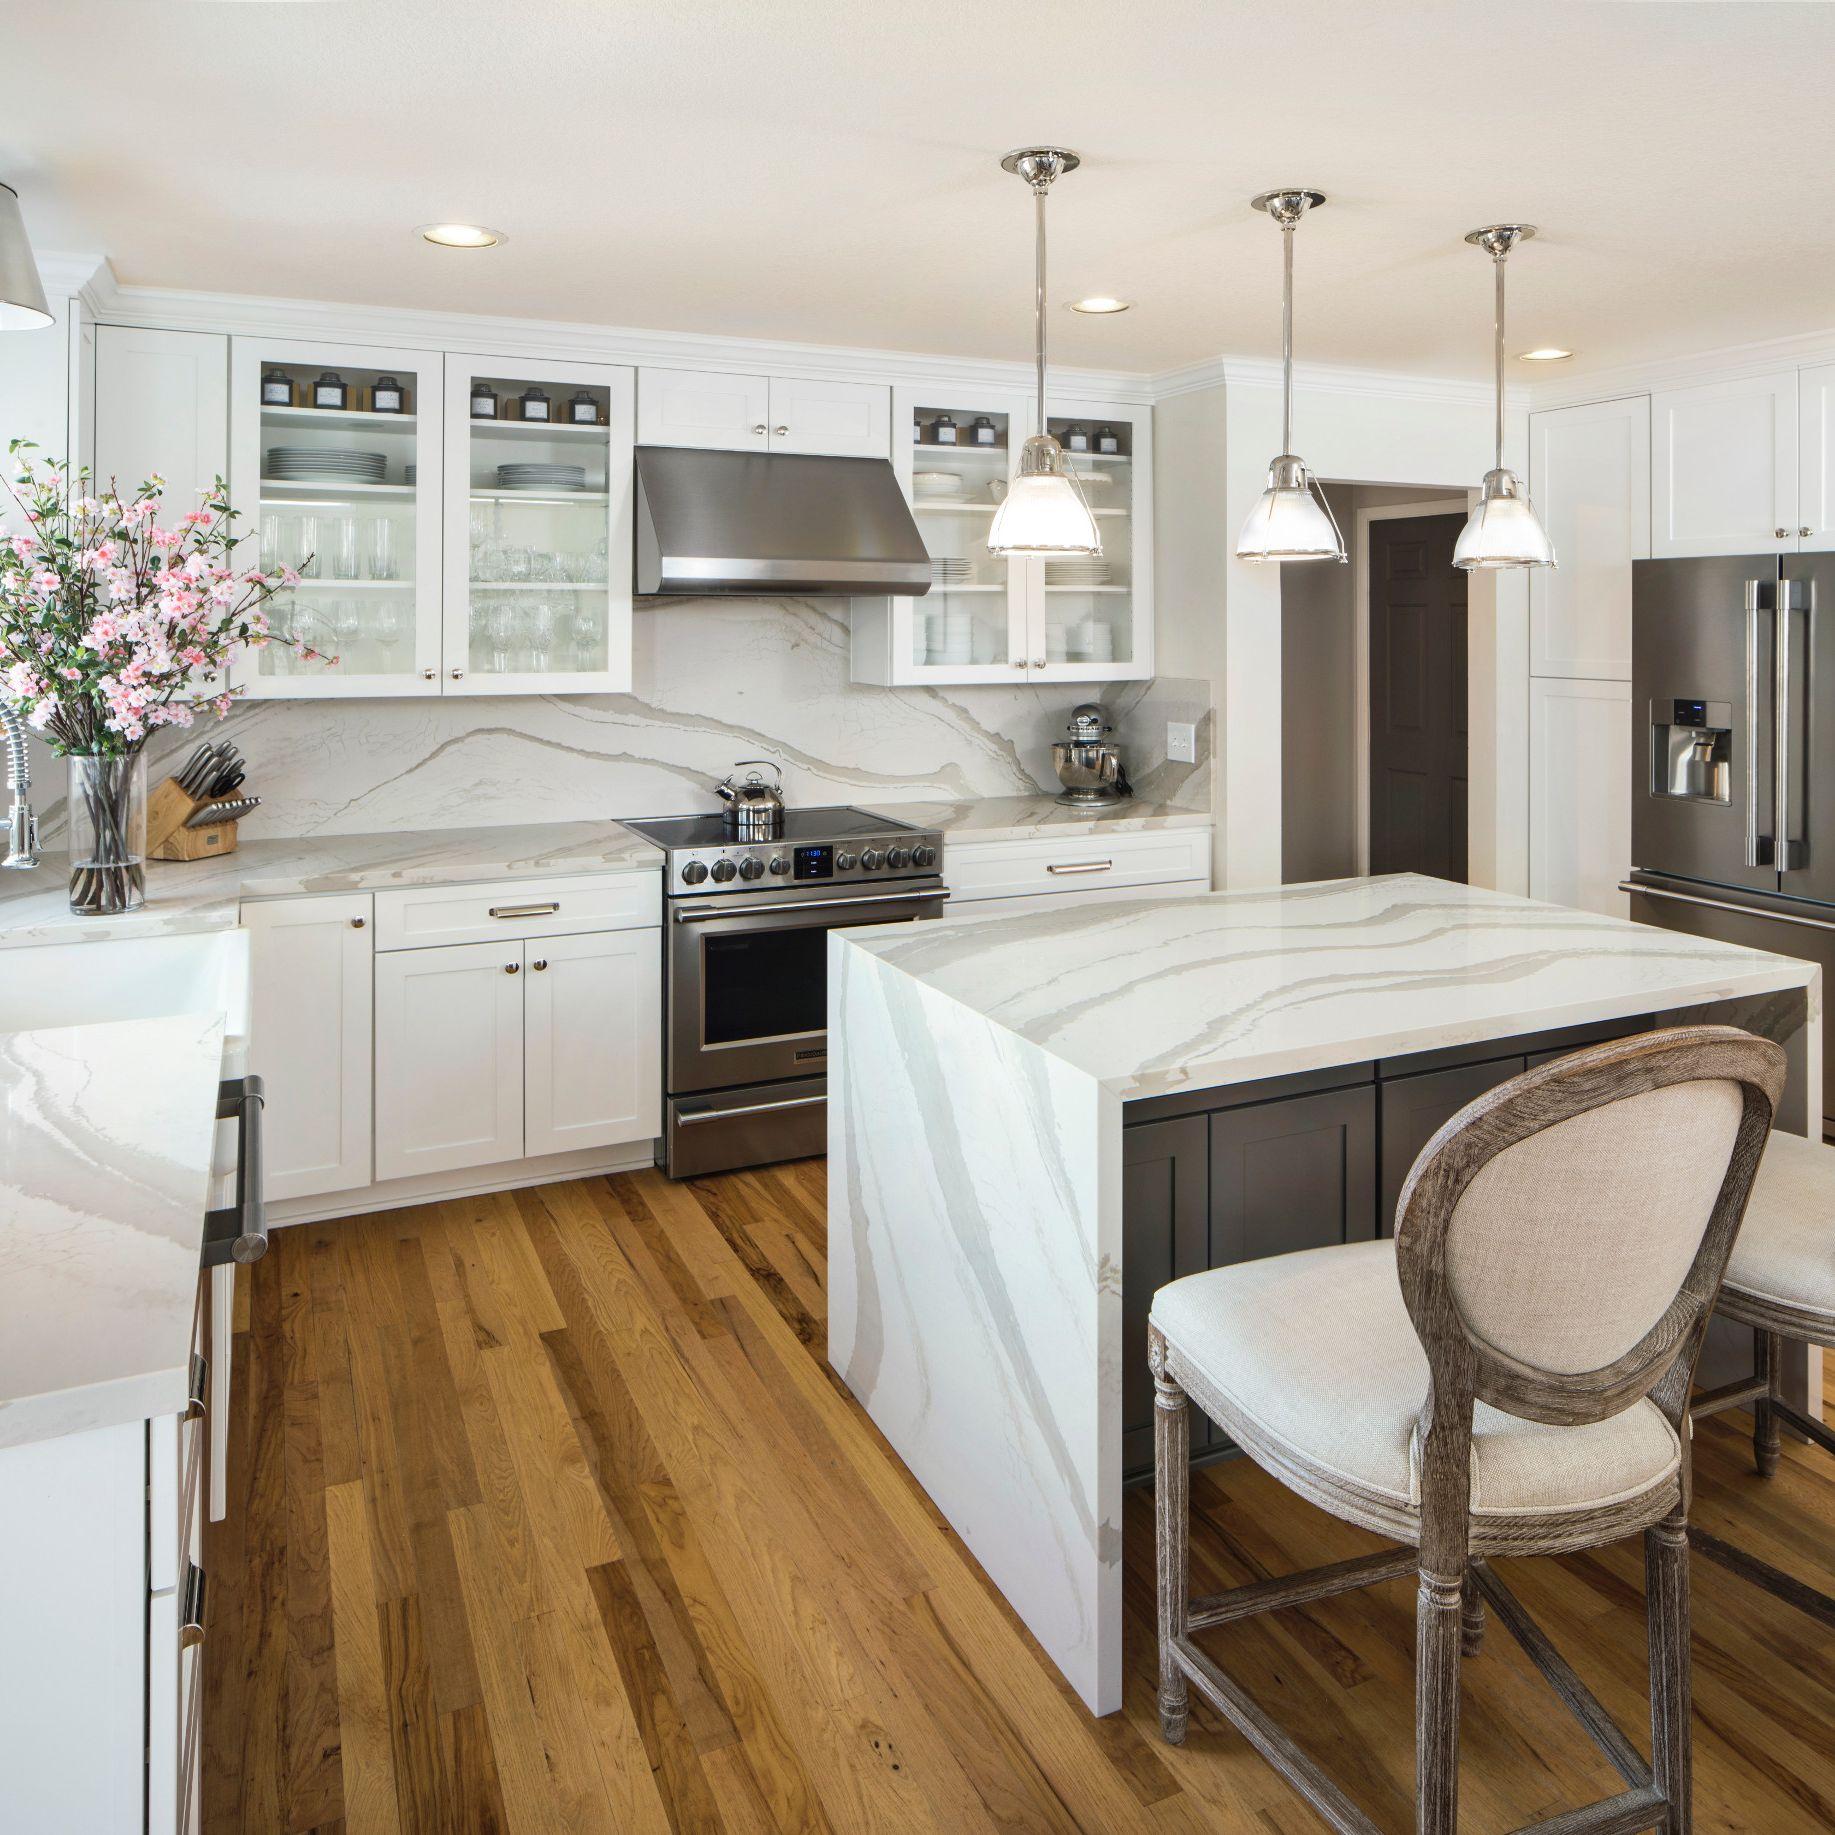 Cambria-brittanicca-quartz-countertop-kitchen